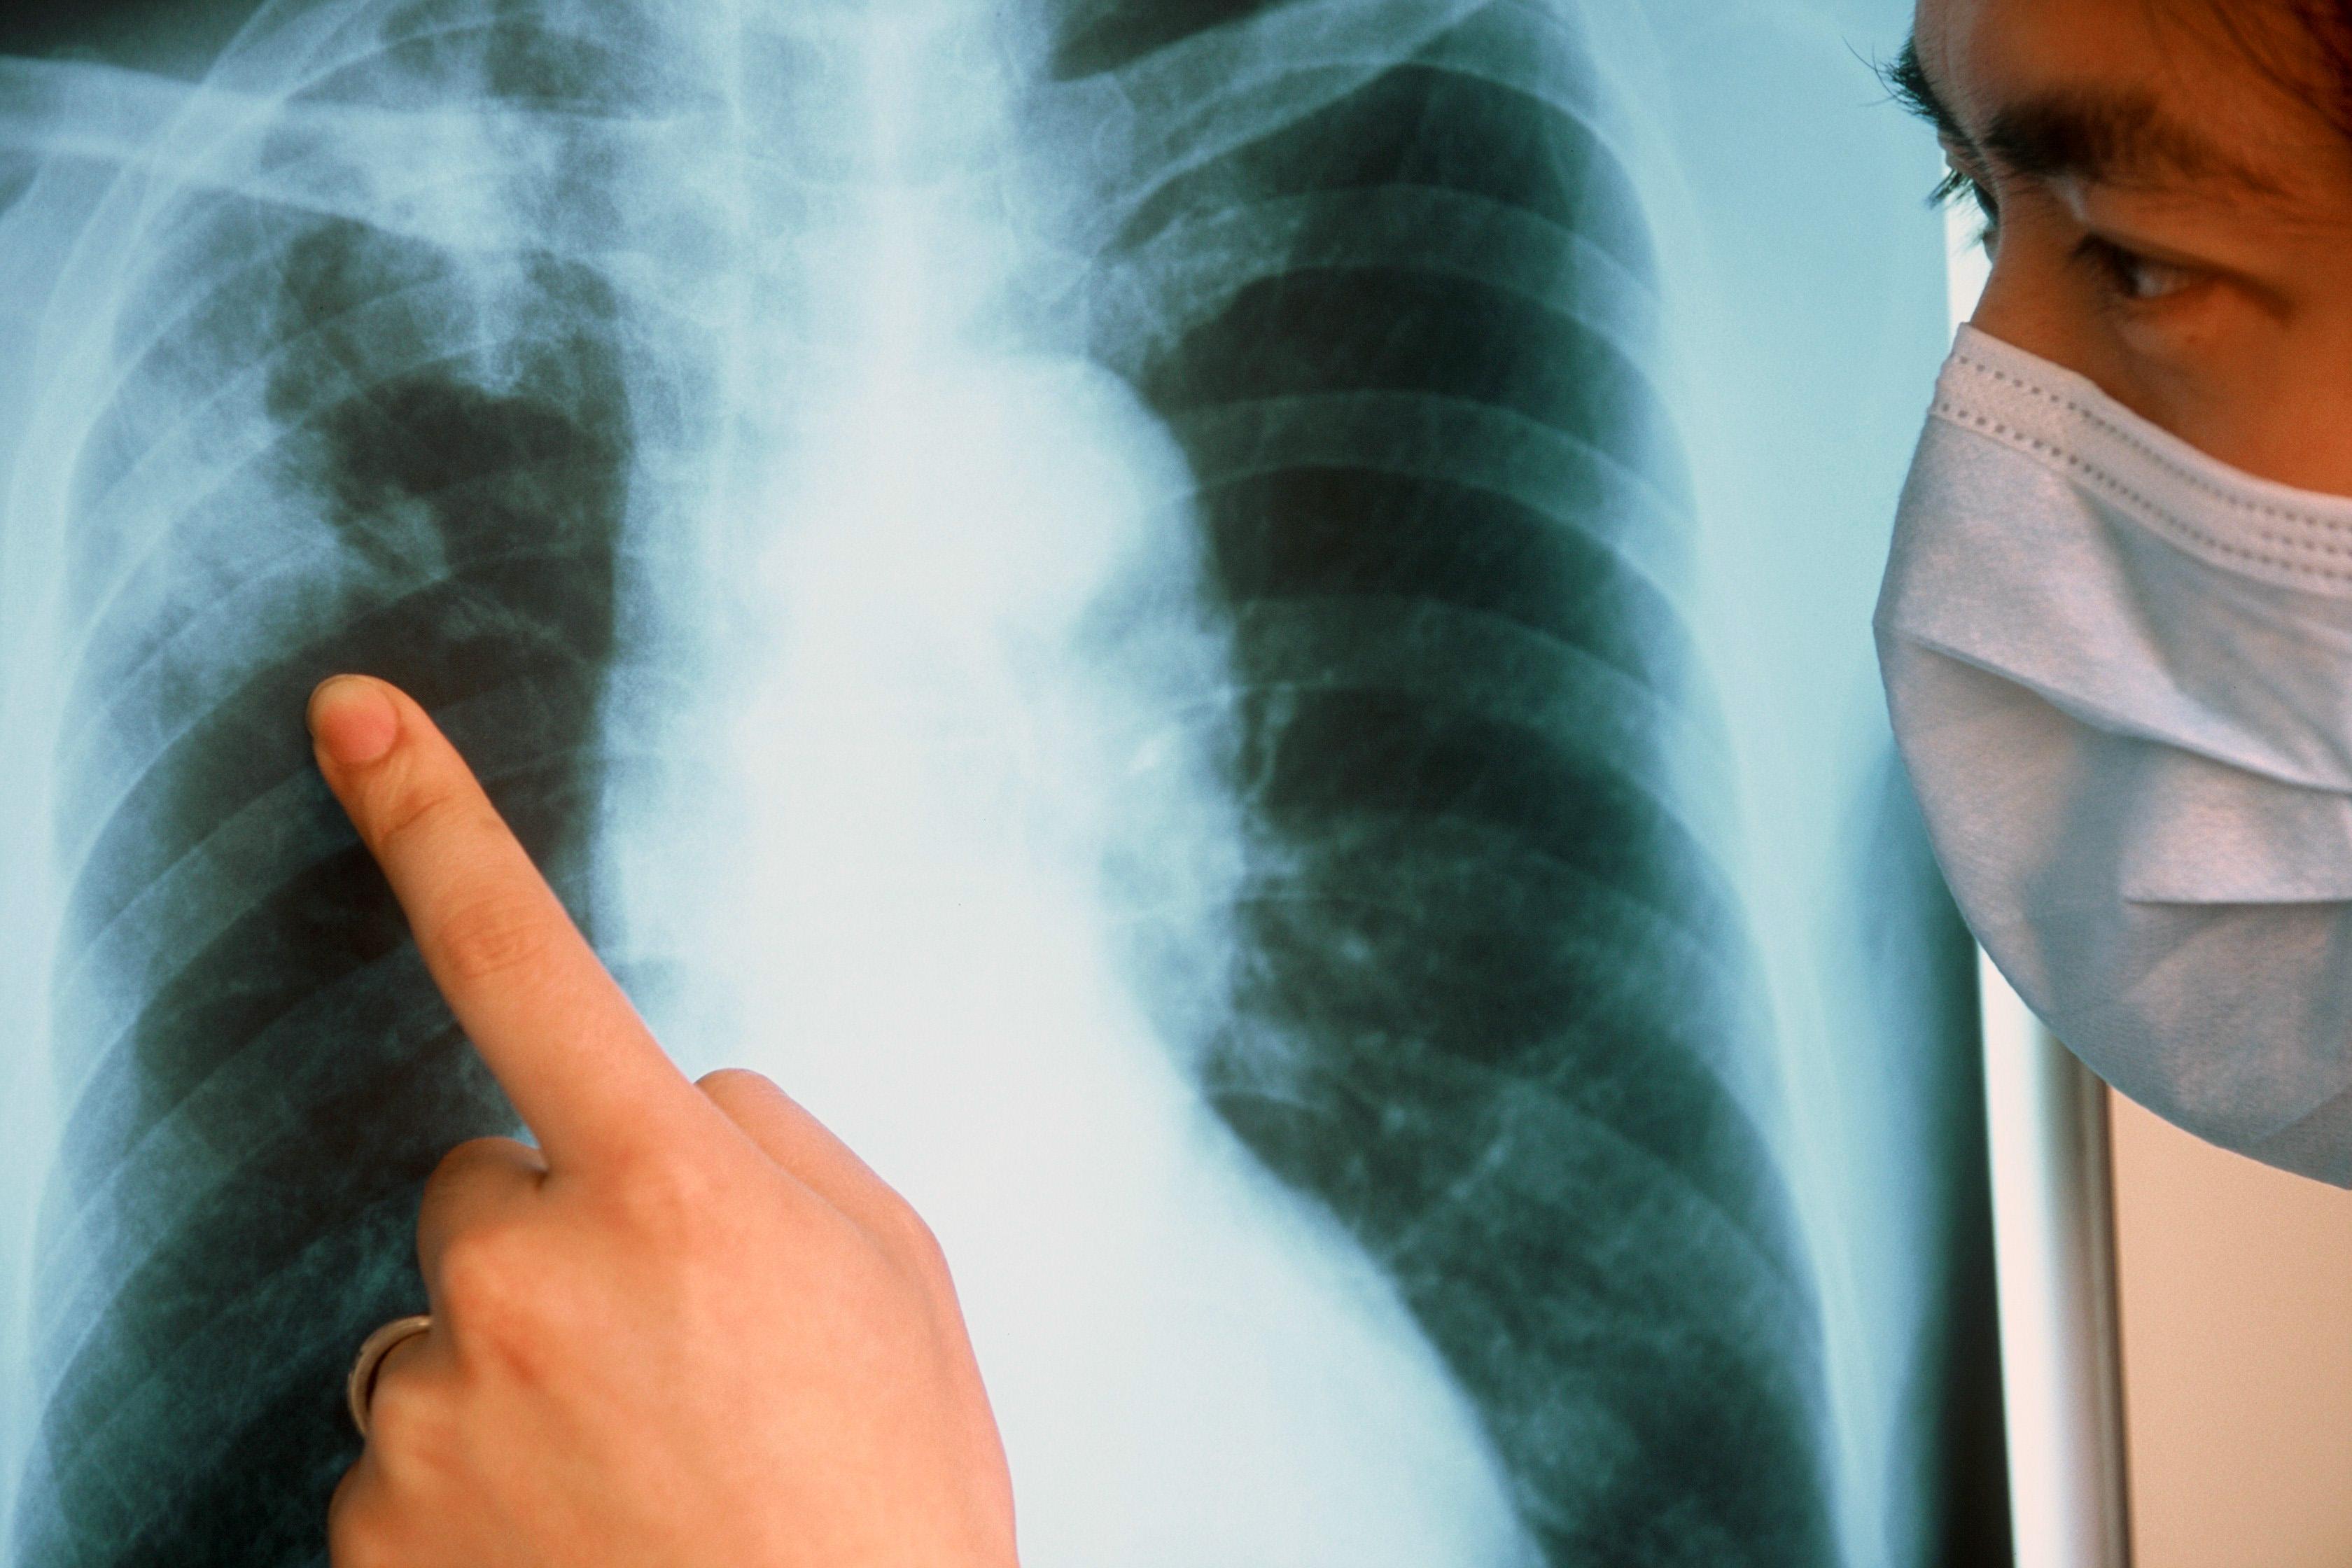 Новый комбинированный препарат оказался эффективен при лекарственно-устойчивом туберкулезе